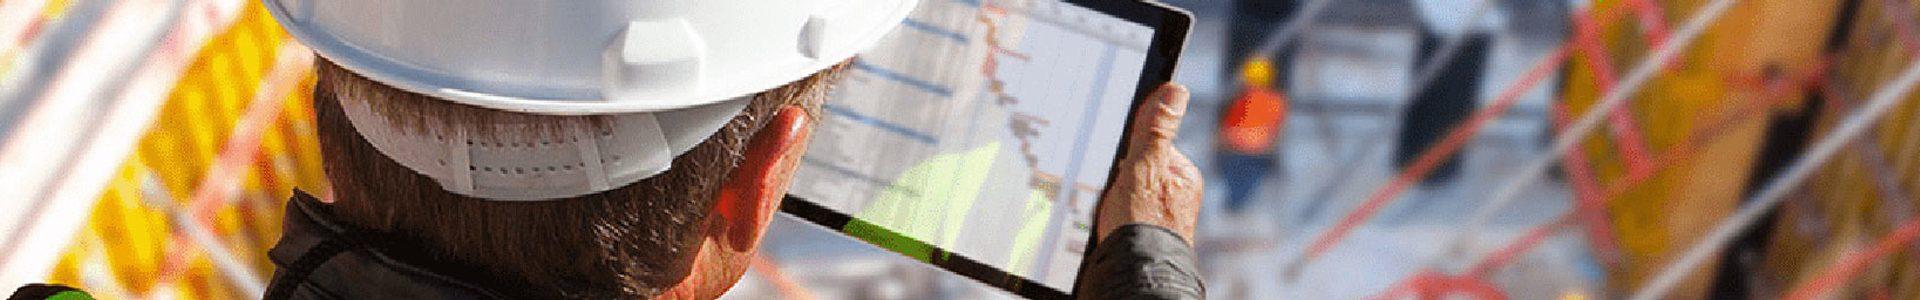 http://oiltech.com.ar/wp-content/uploads/2020/06/Gestion-Integral-de-Proyectos-1920x300-1-1920x300.jpg